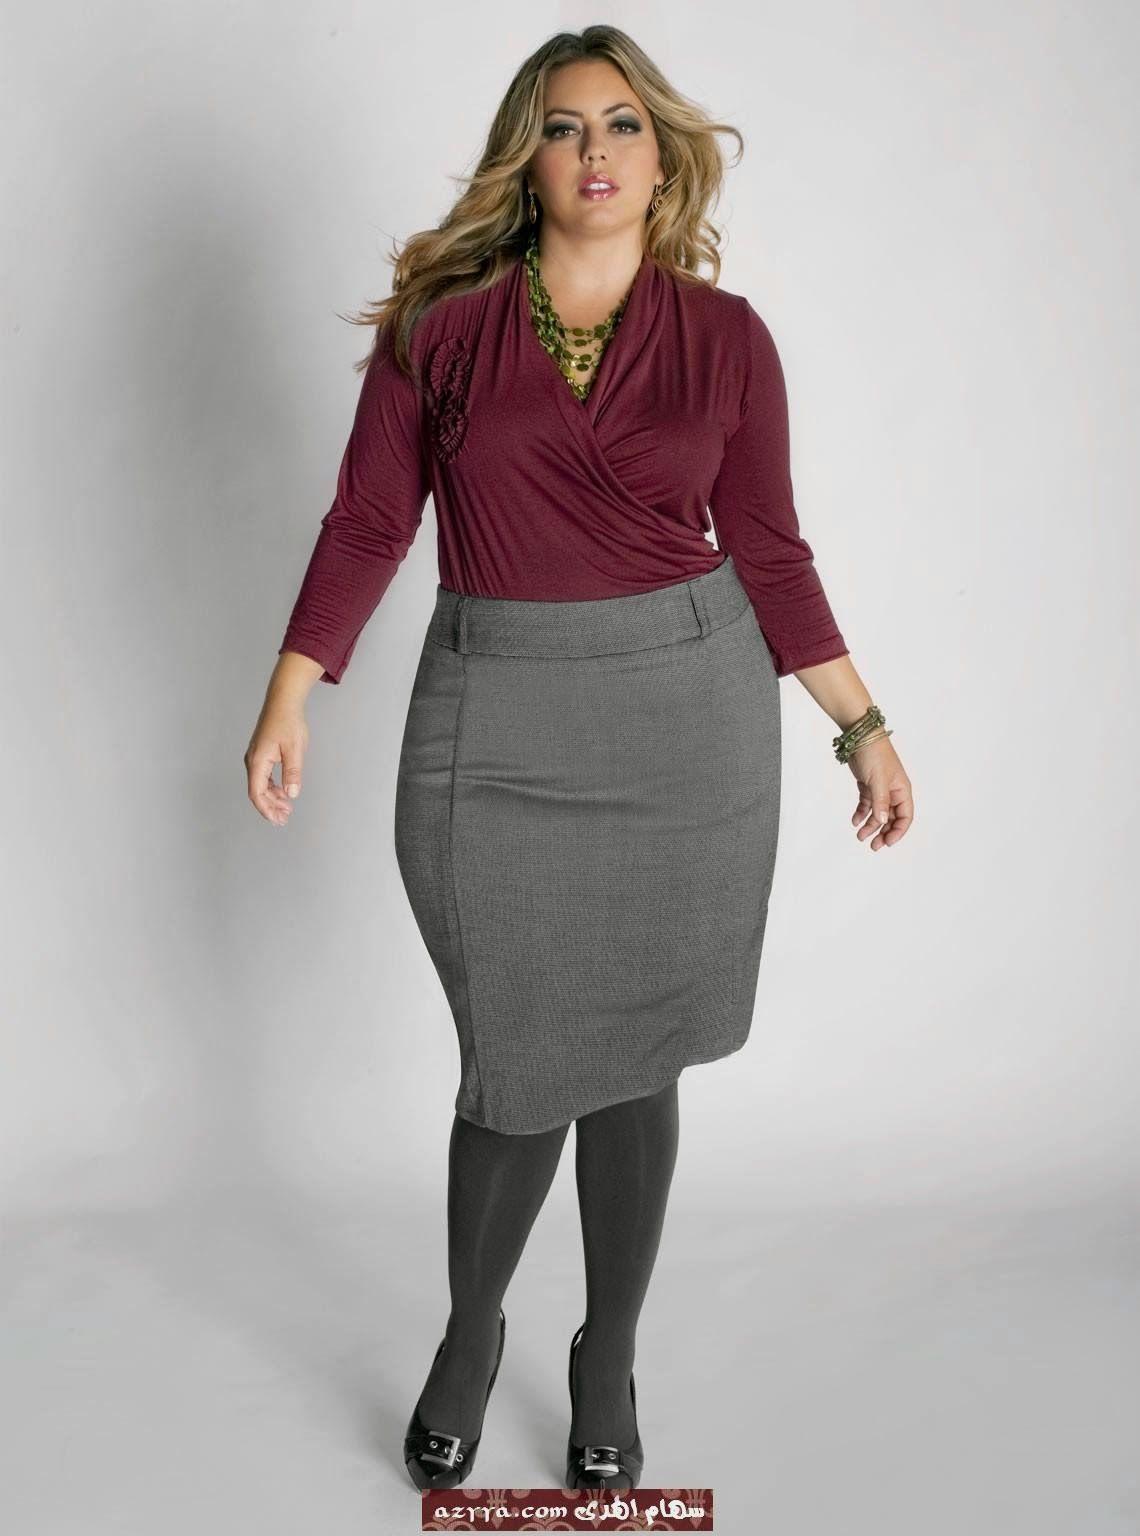 مجلة جمال حواء تنانير قصيرة للسمينات Fashion Pencil Skirt Skirts